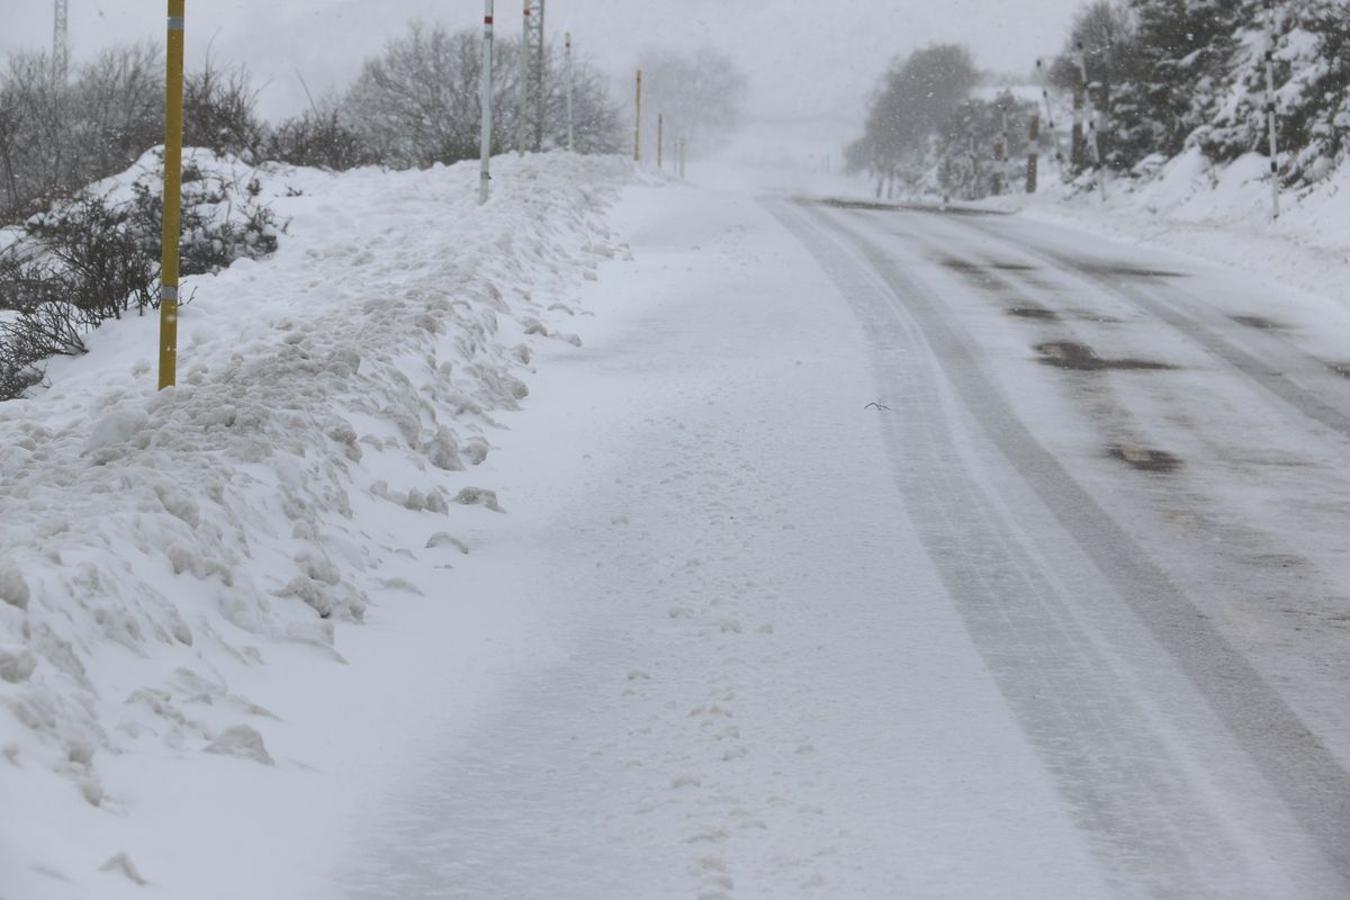 El hielo, la nieve y la ventisca, protagonistas en Pajares